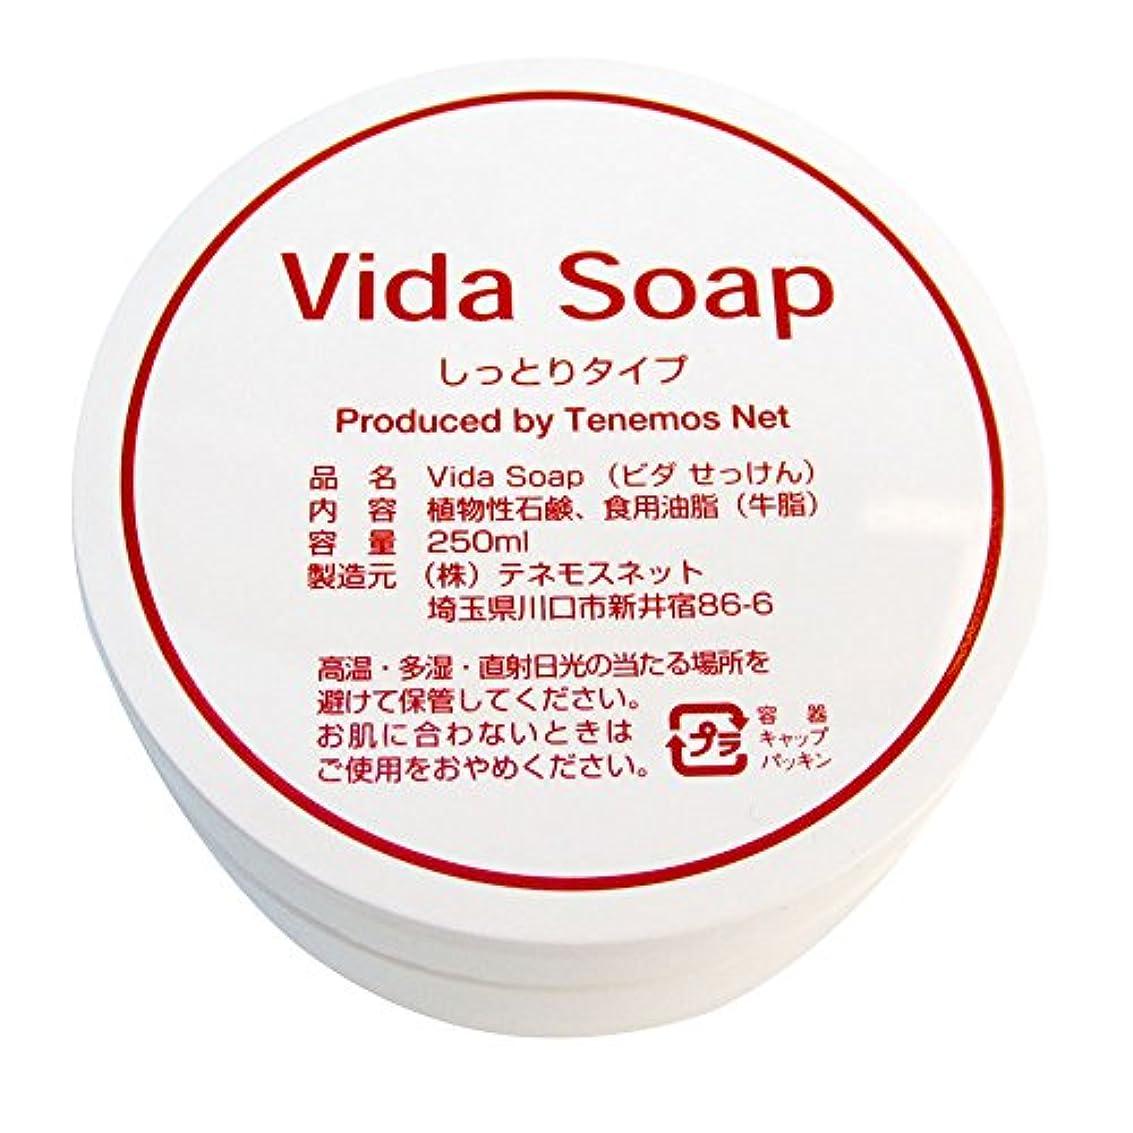 タッチ害影響するテネモス ビダせっけん Vida Soap しっとりノーマル 動物性 250ml